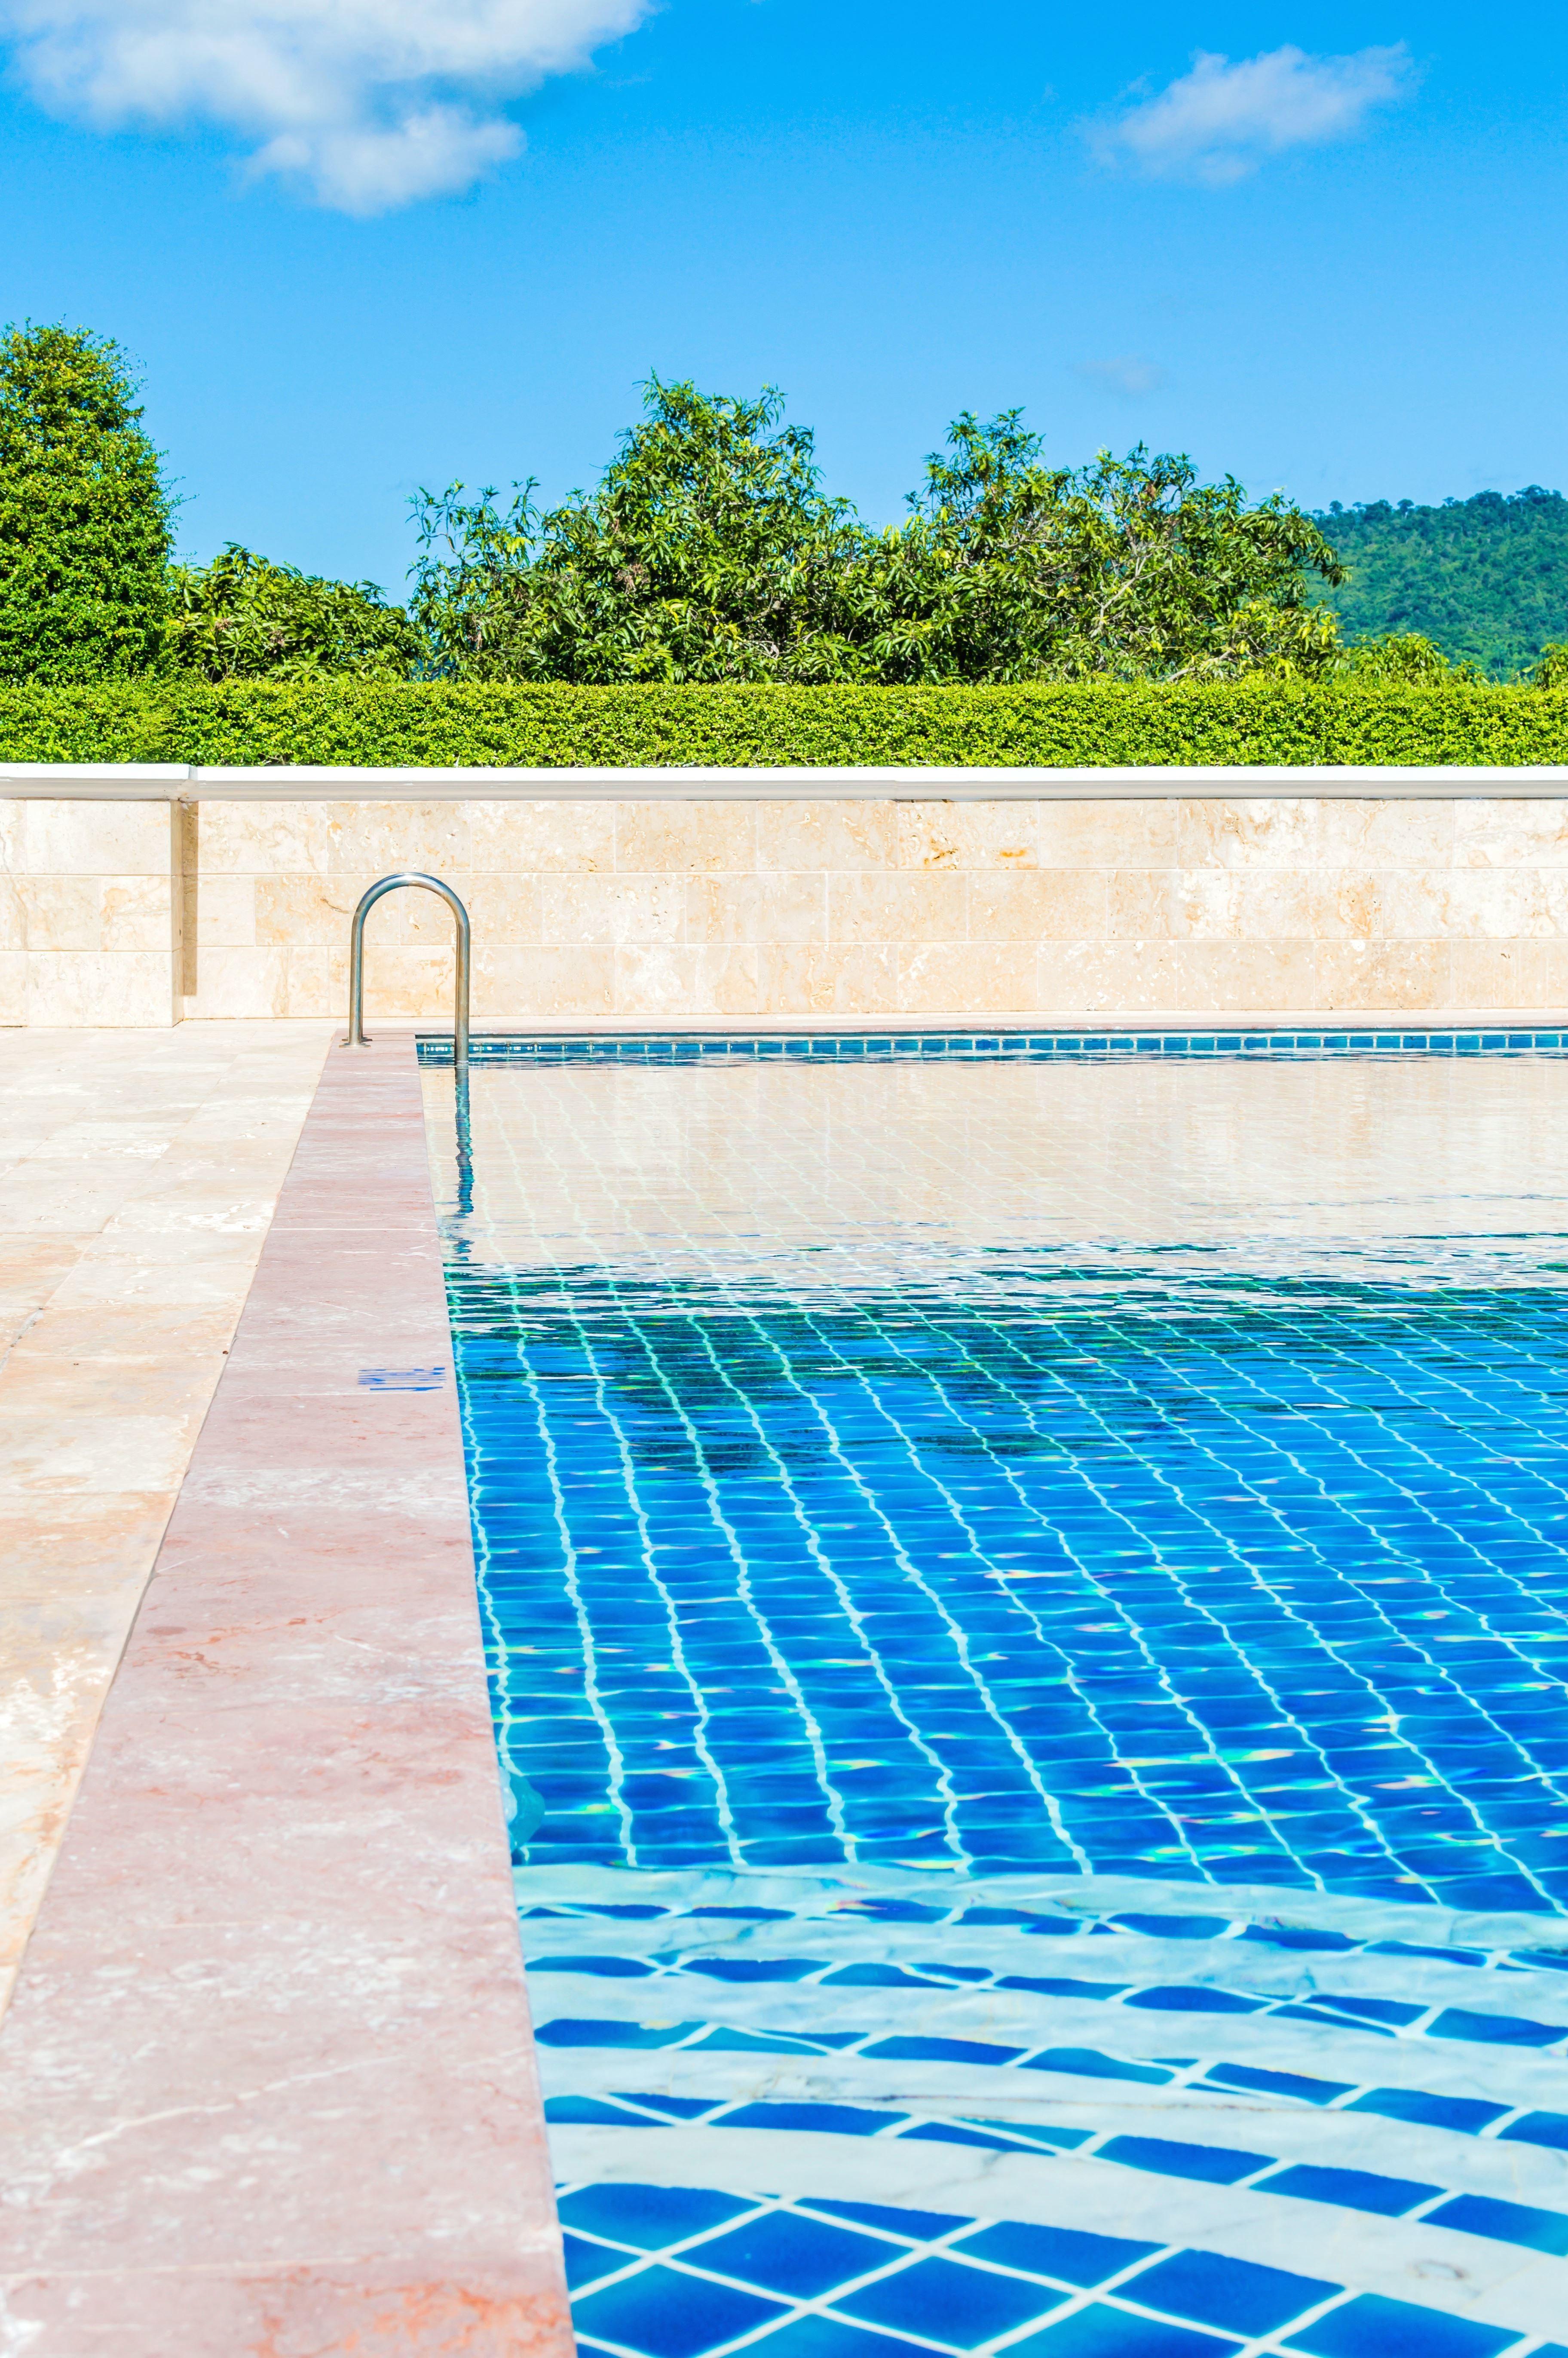 Image libre piscine luxe l 39 eau le soleil la natation for Eau piscine